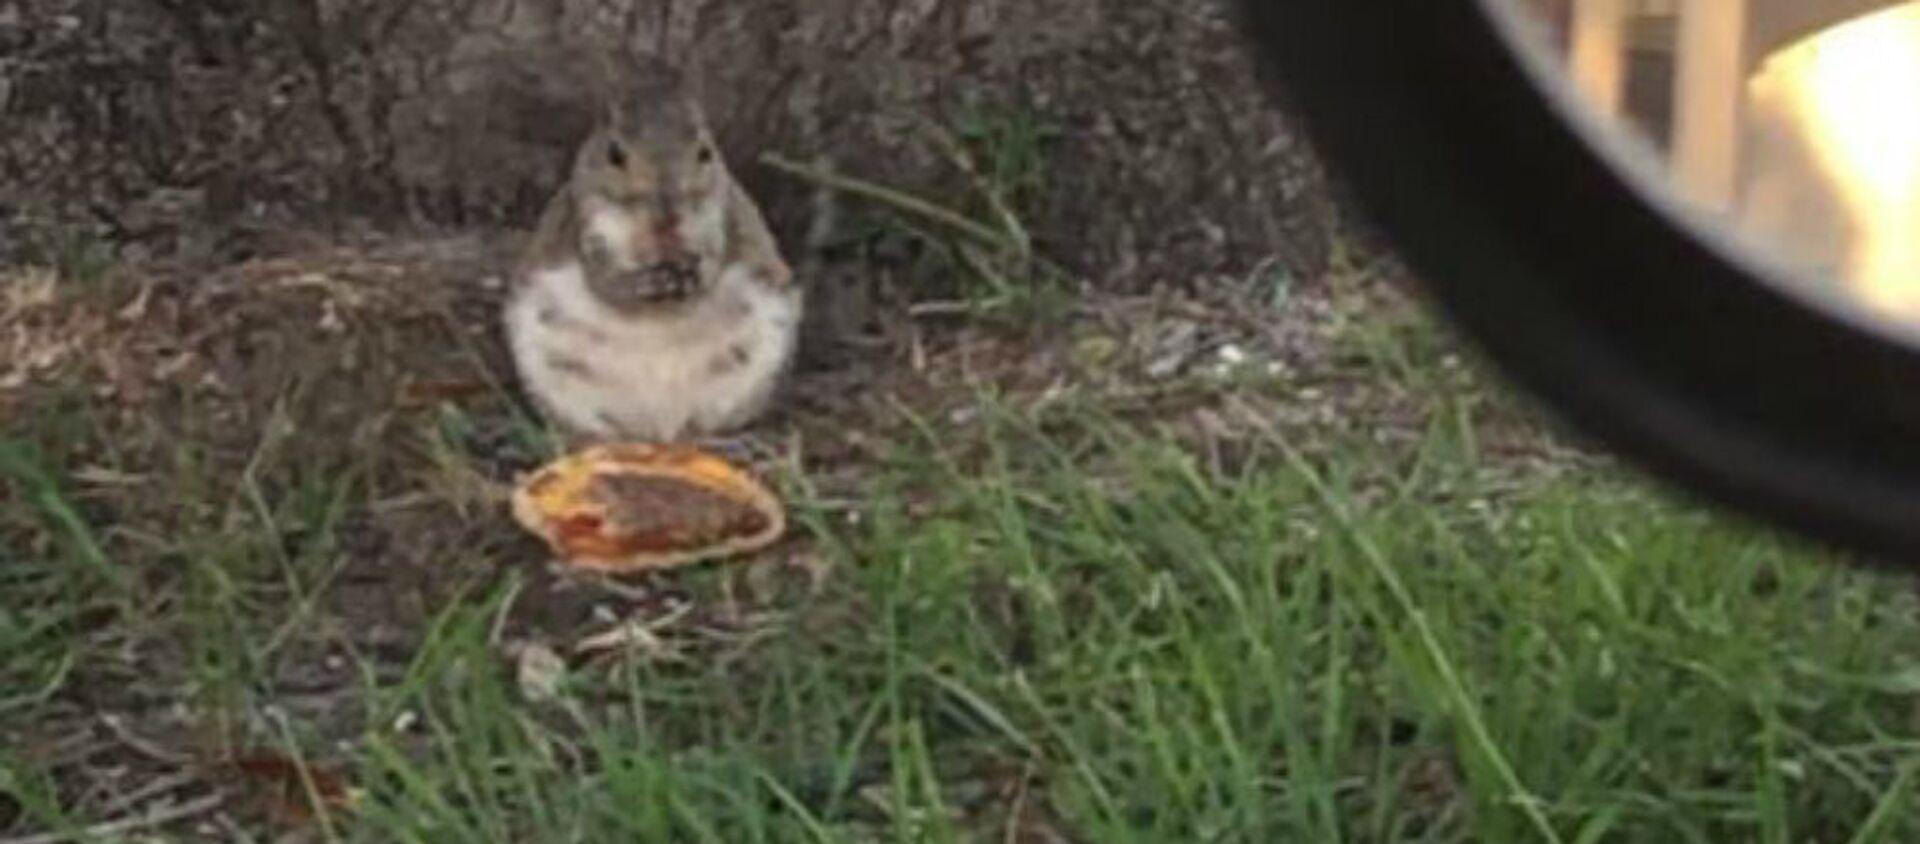 Χοντρούλης σκίουρος τρώει χάμπουργκερ - Sputnik Ελλάδα, 1920, 04.10.2020